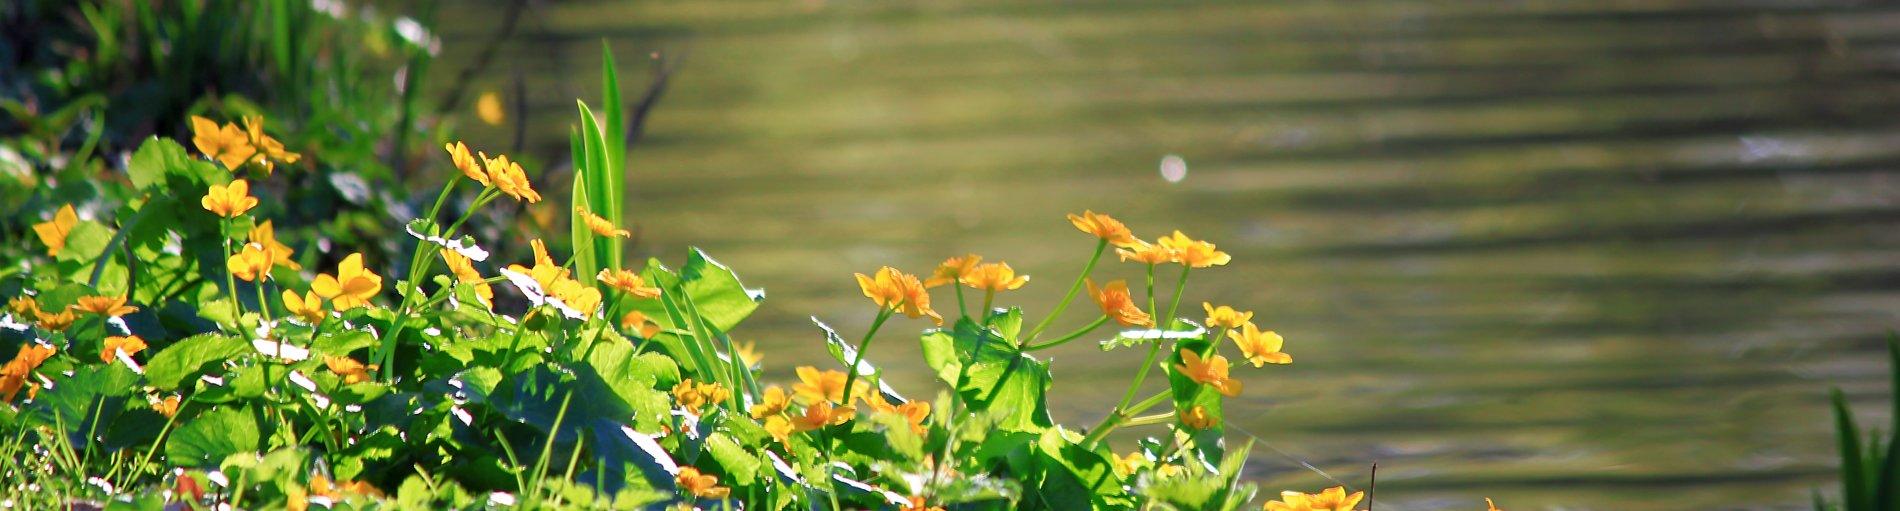 Moorblumen am Wasser